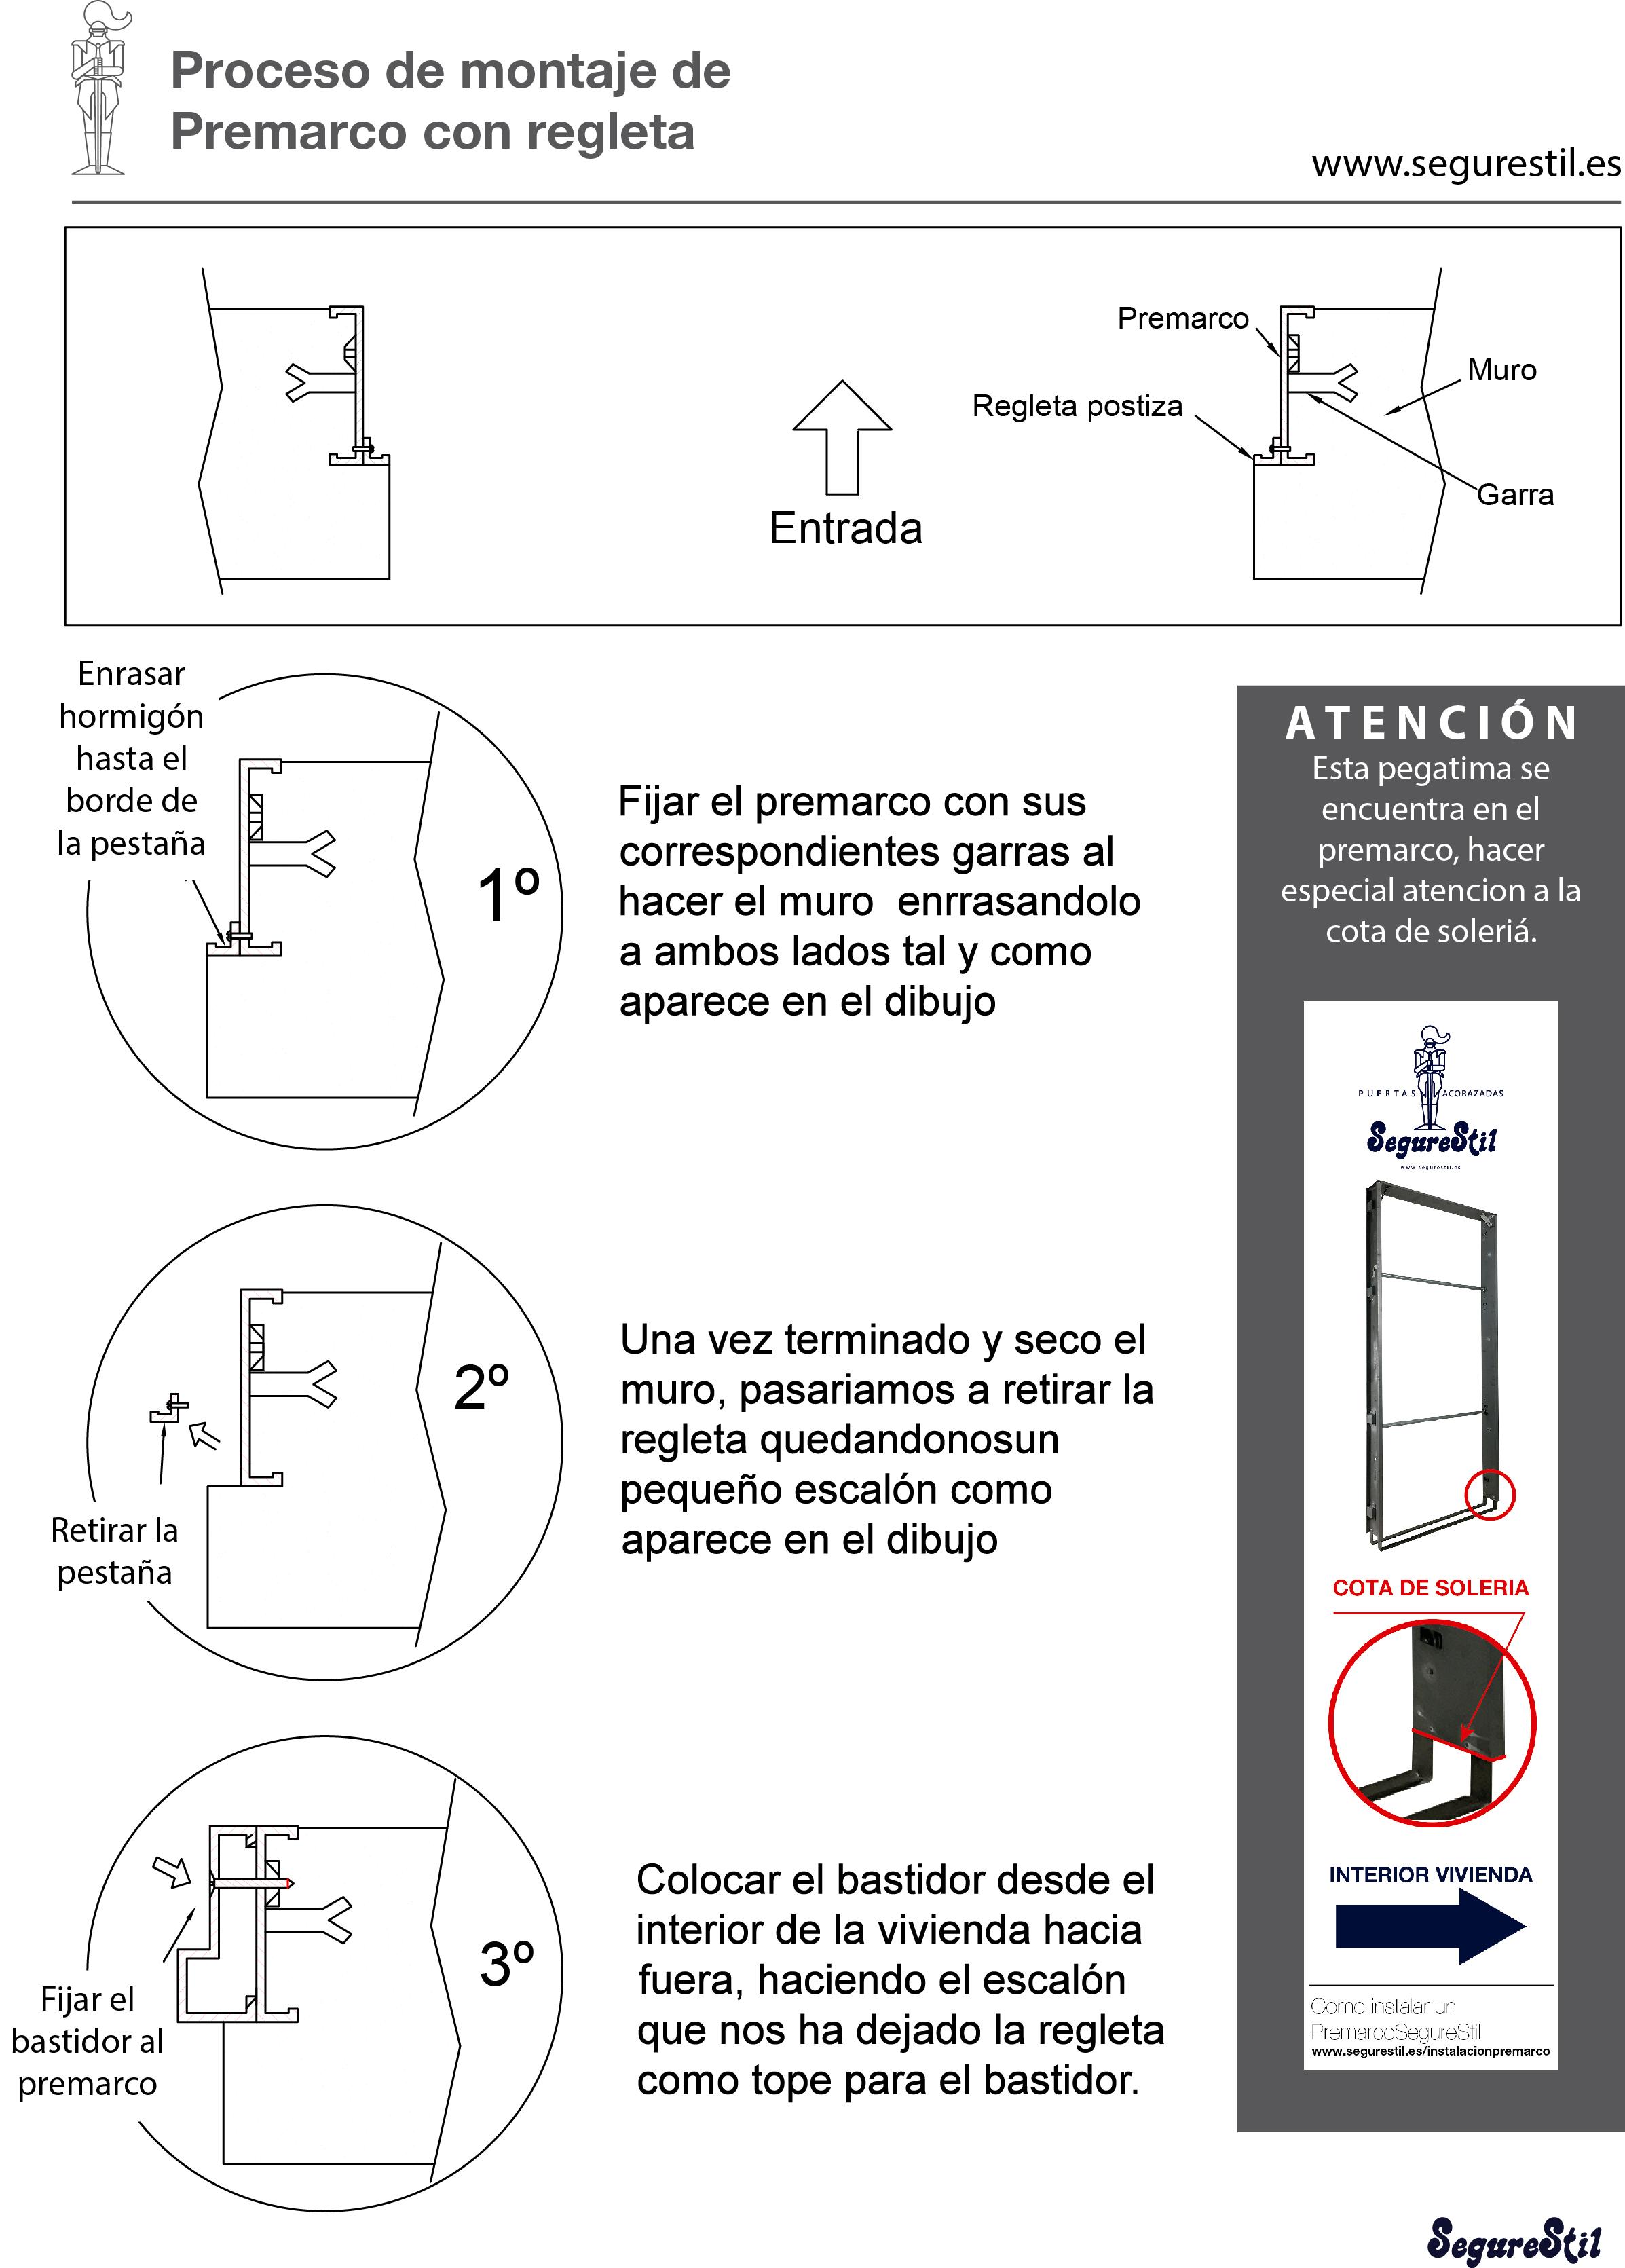 Instalacion premarco Segurestil, con regleta